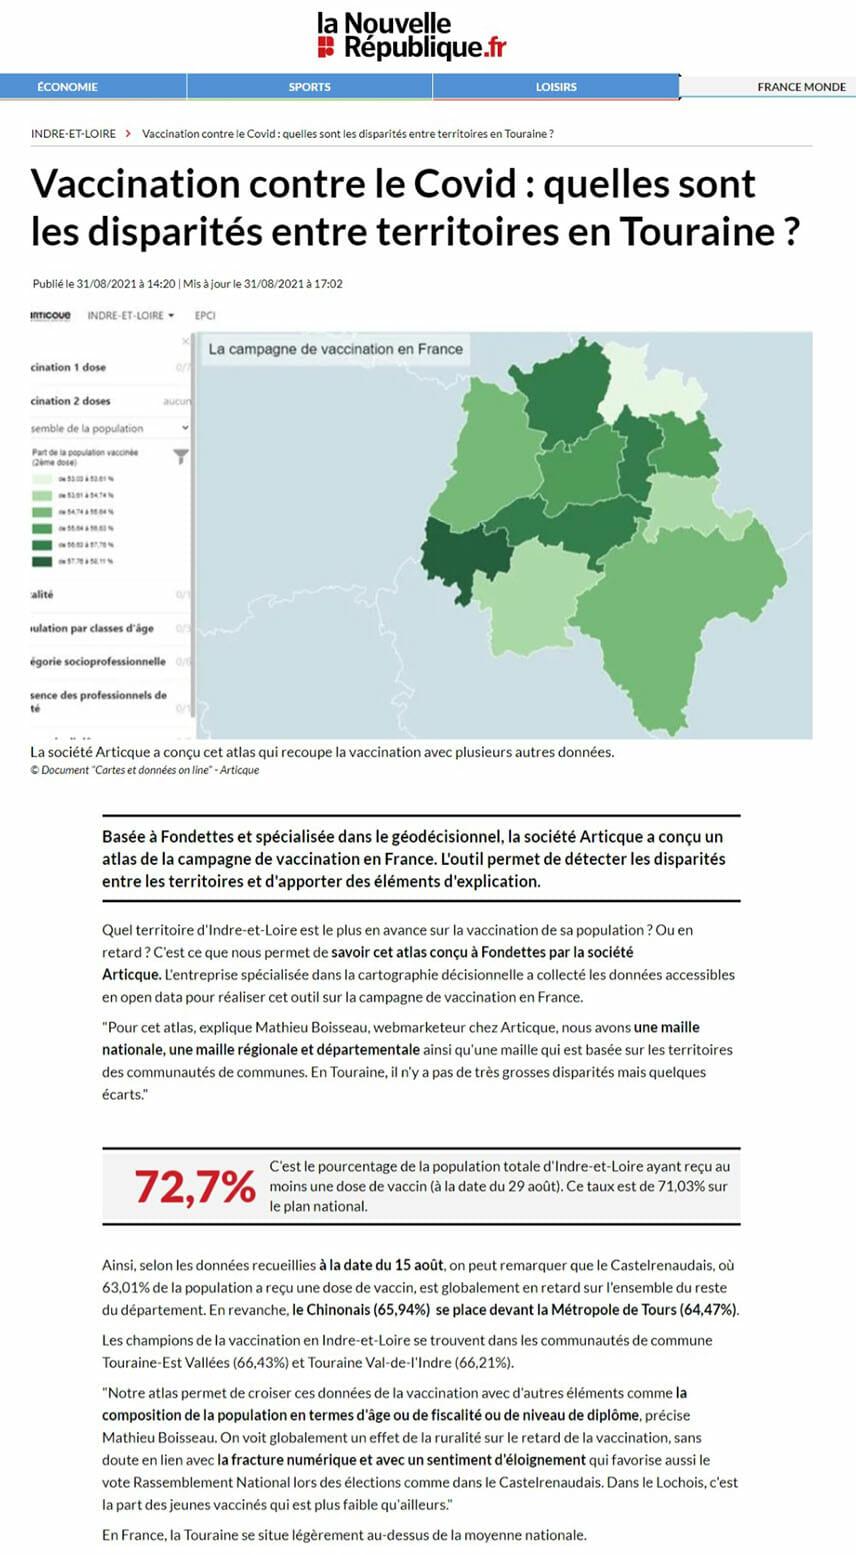 les disparites territoriales lors de la campagne de vaccination